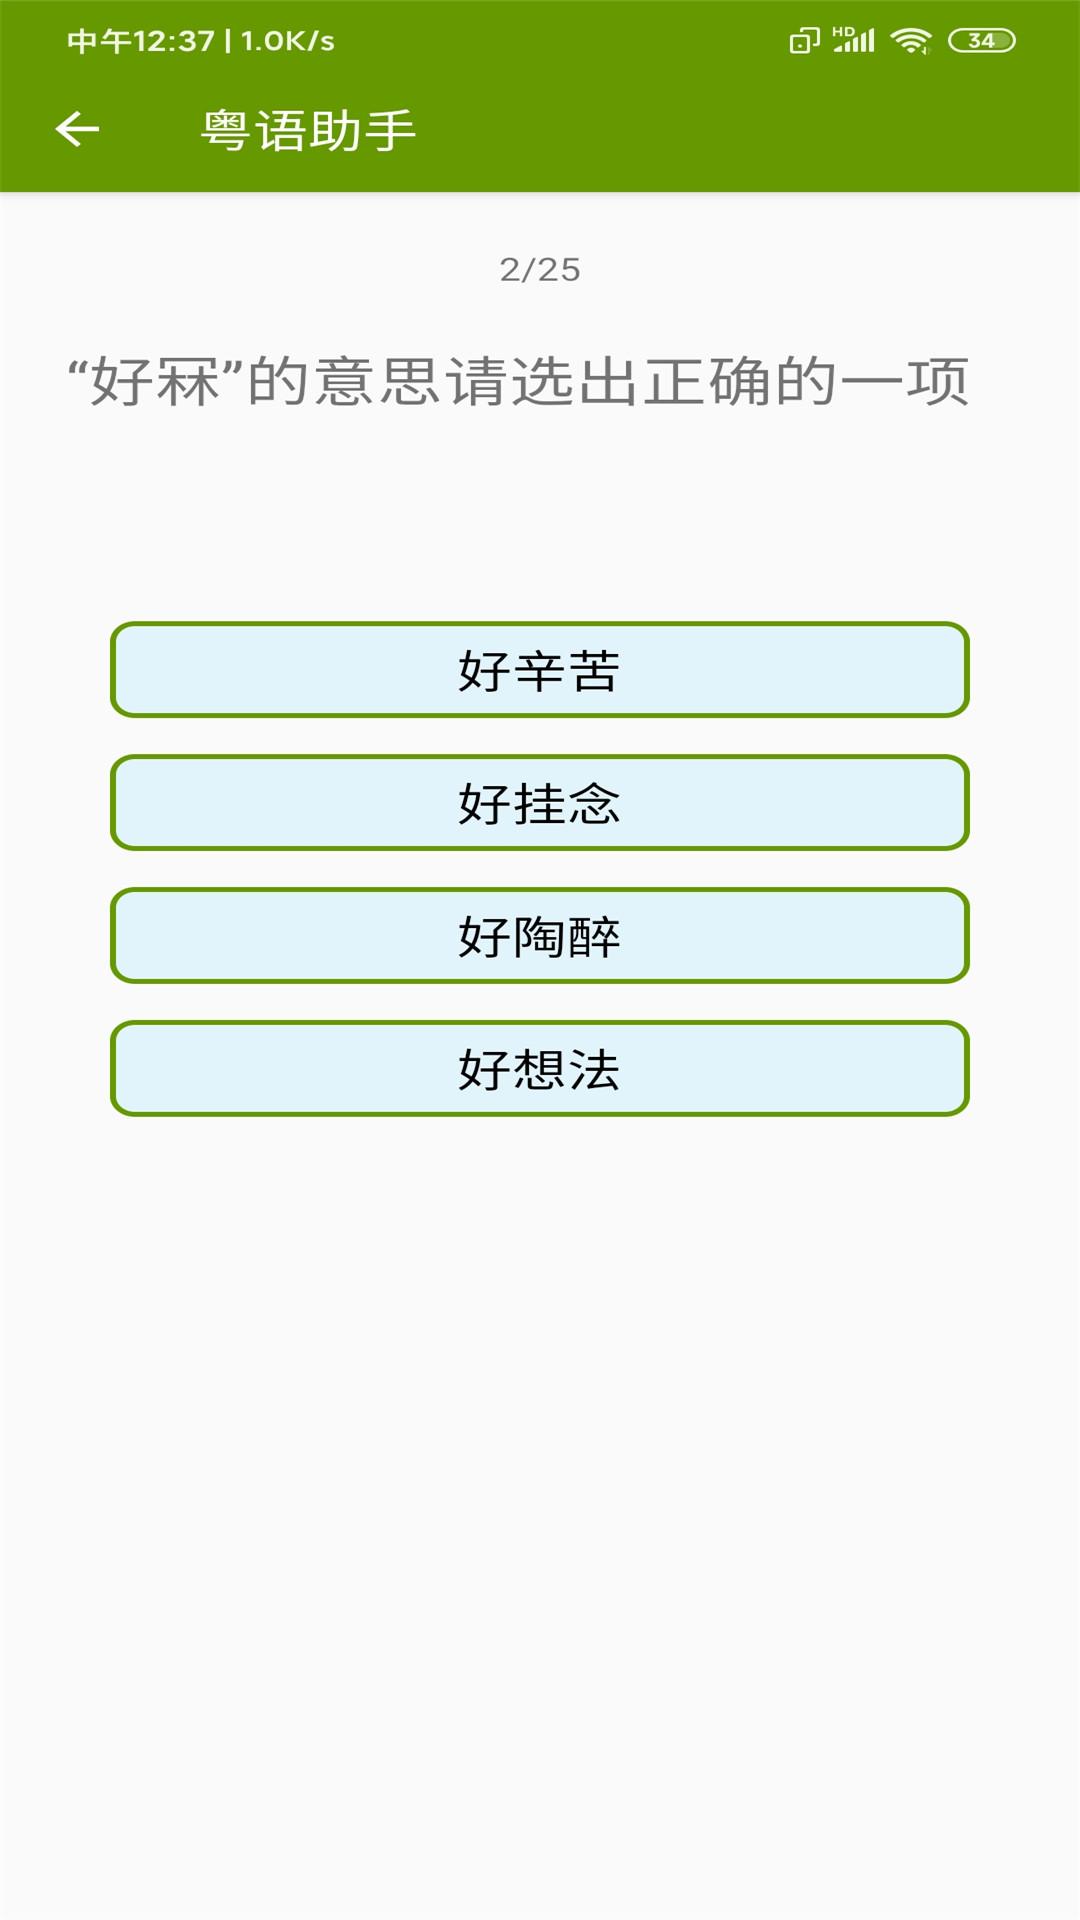 粤语助手 V1.0.5 安卓版截图3